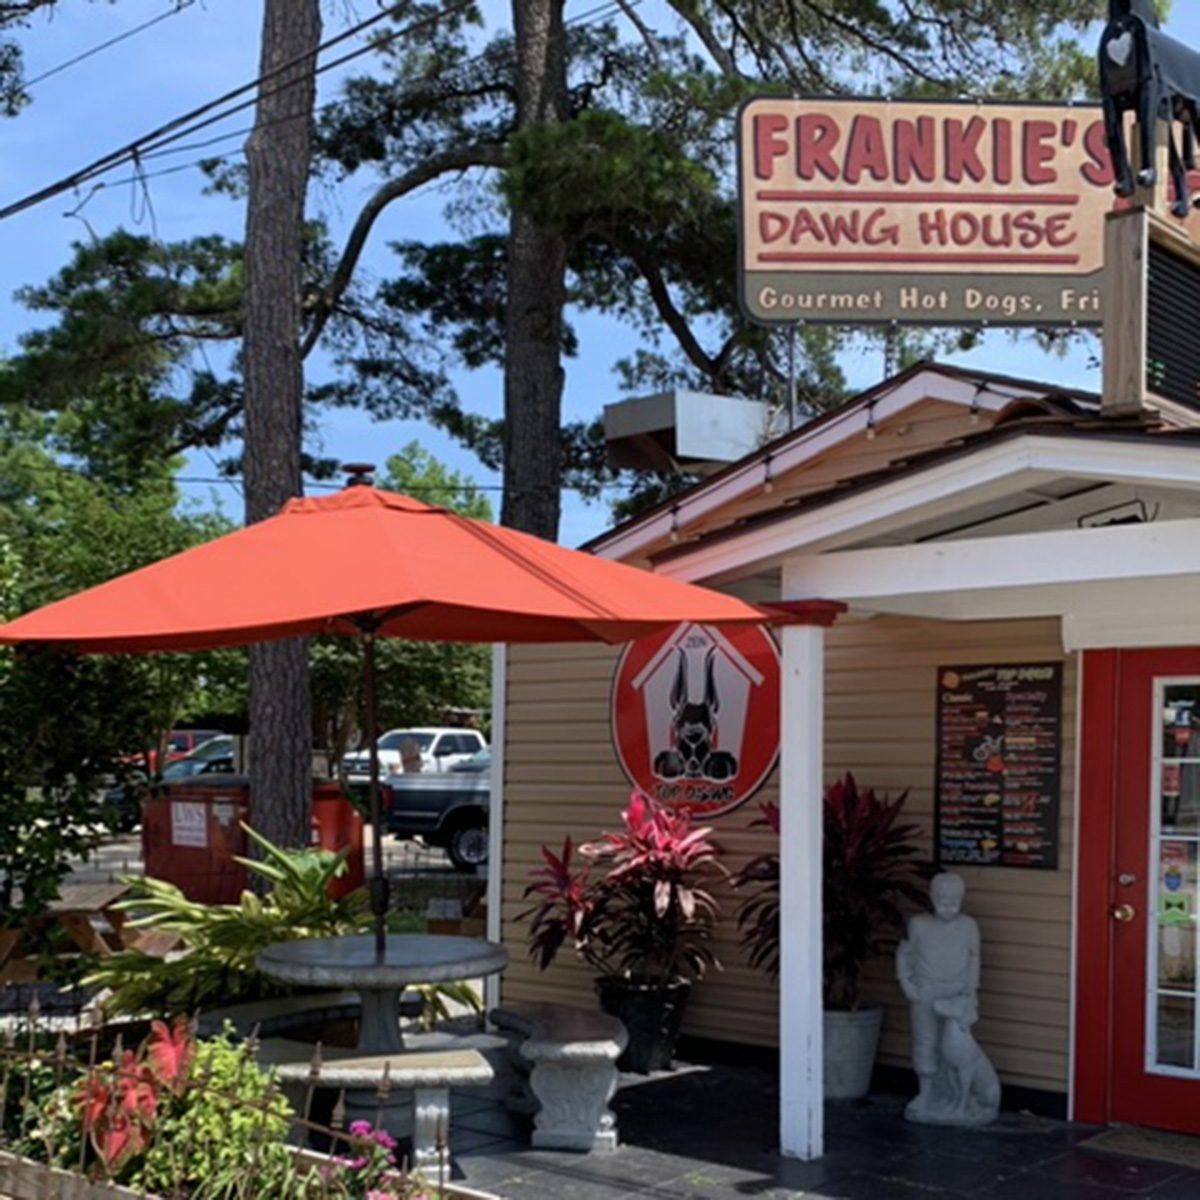 Frankie's Dawg House